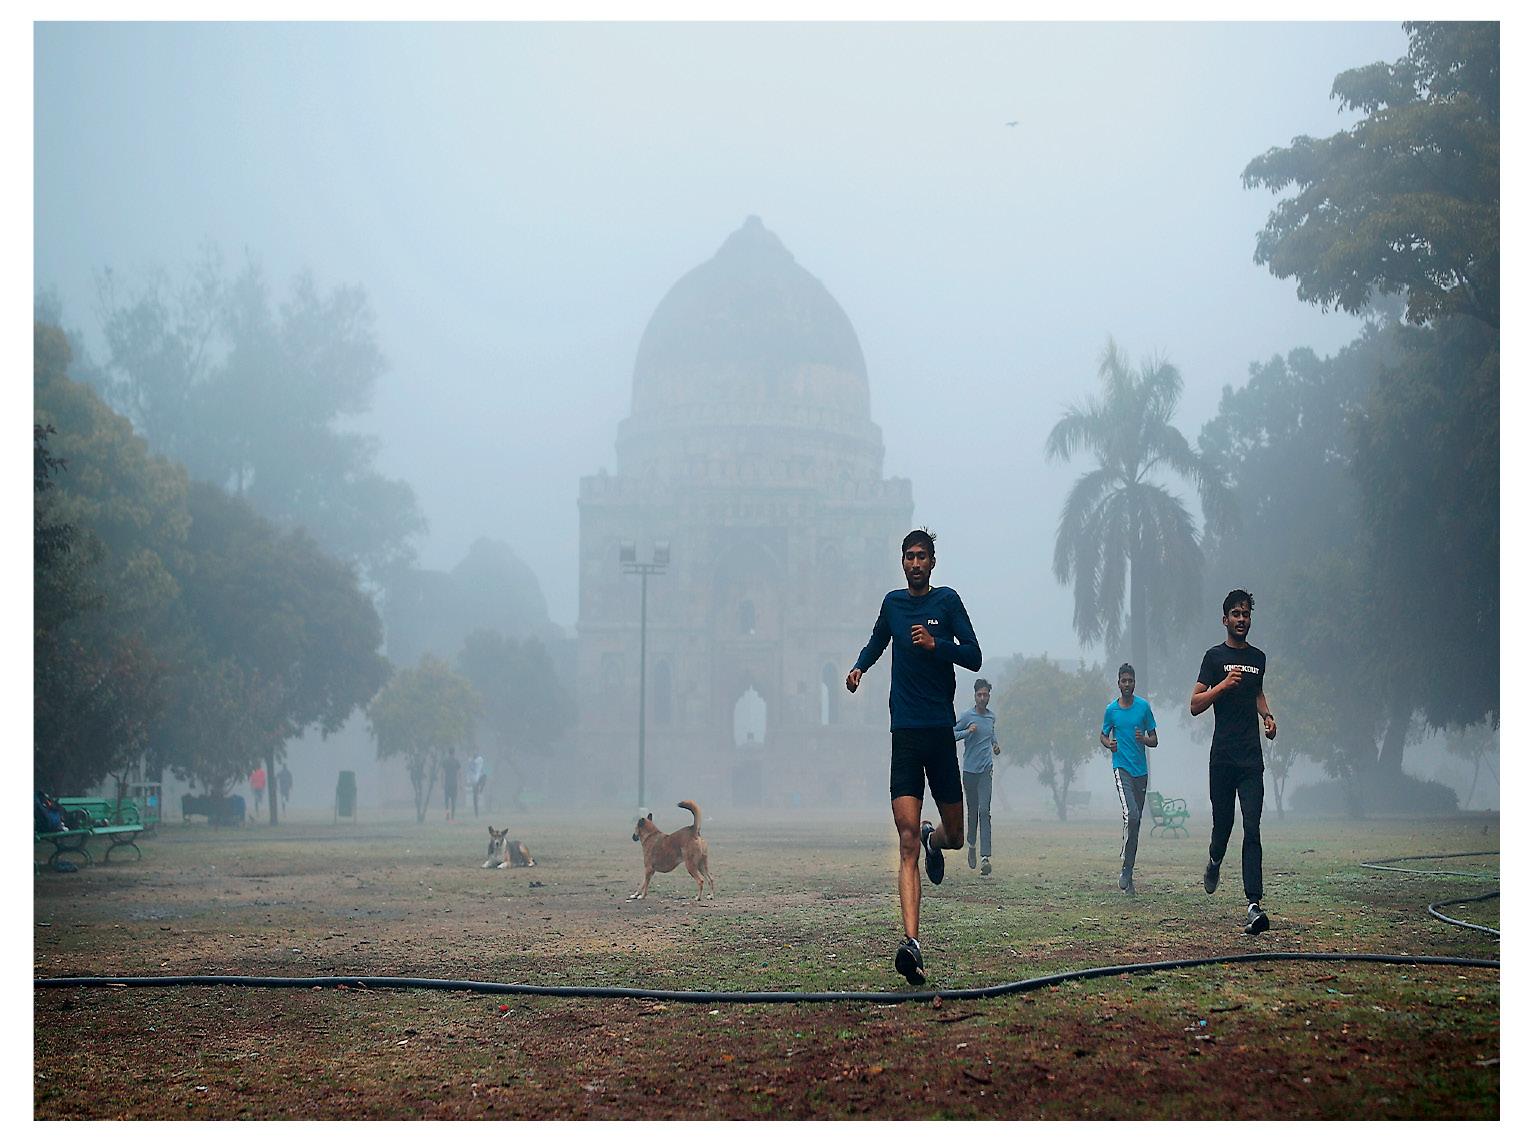 दिल्ली में सुबह के समय कोहरा छाया रहता है। फोटो सोमवार की है।